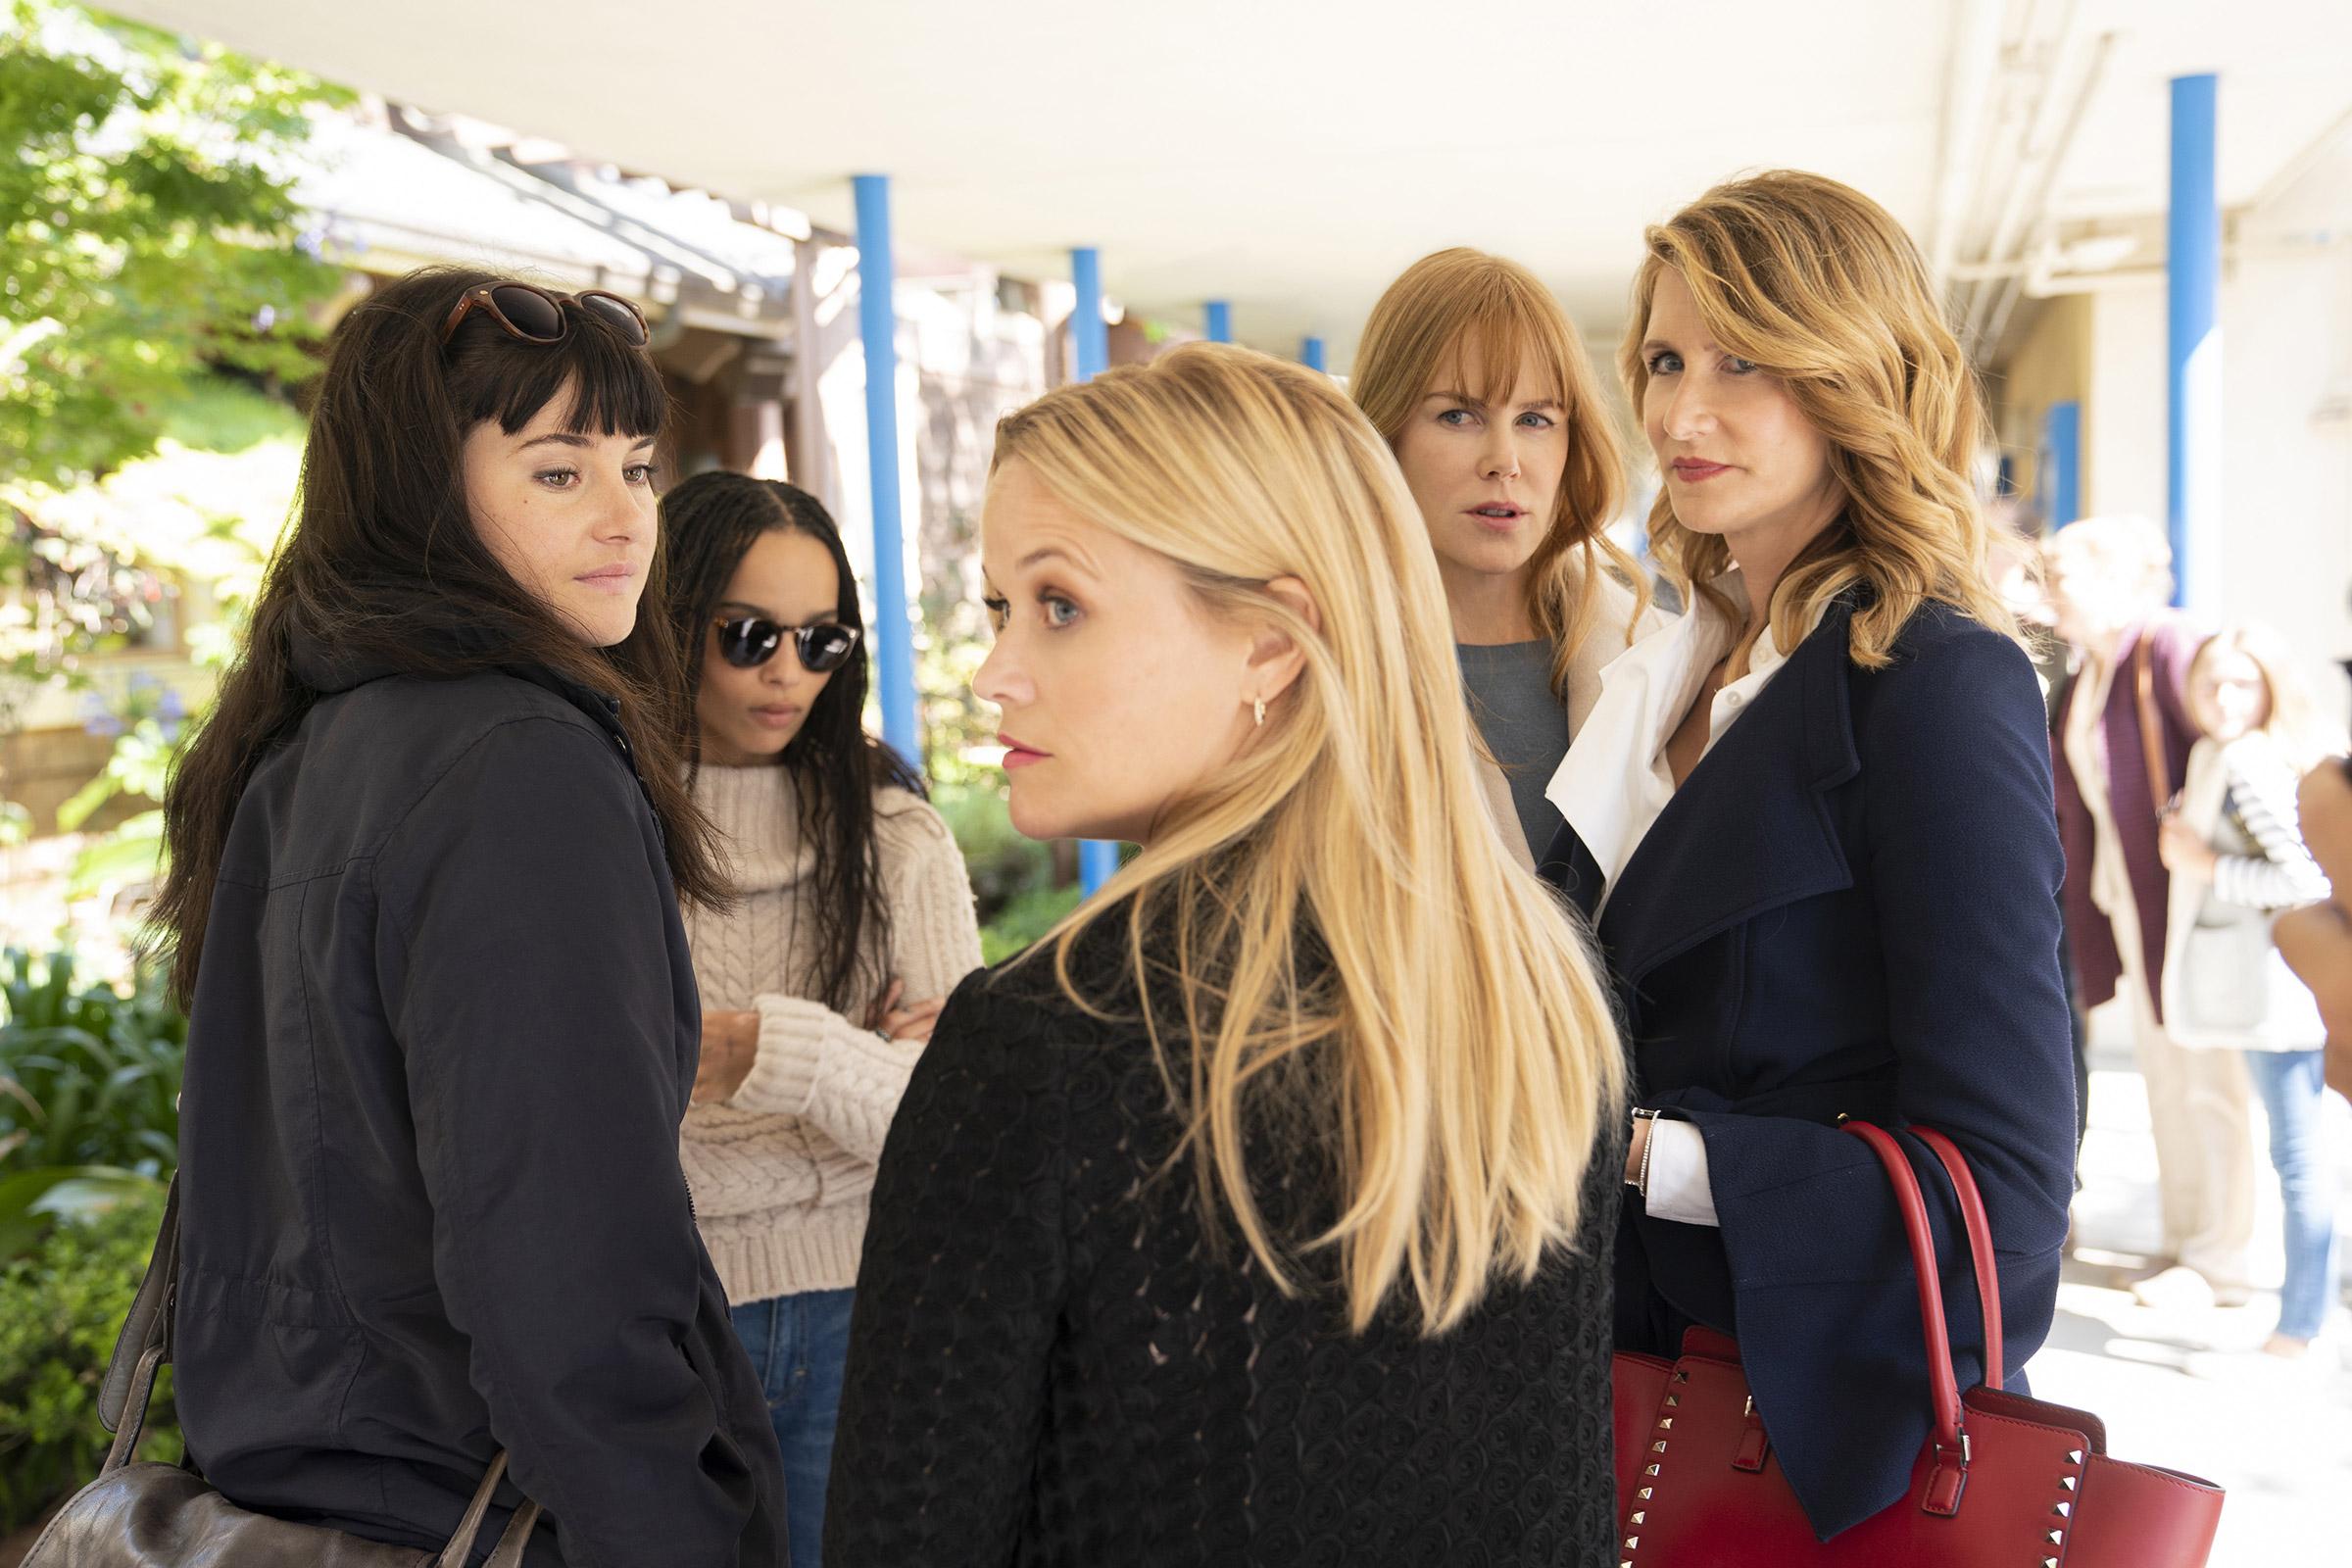 The Monterey Five—Jane (Woodley), Bonnie (Kravitz), Madeline (Witherspoon), Celeste (Kidman) and Renata (Dern)—return